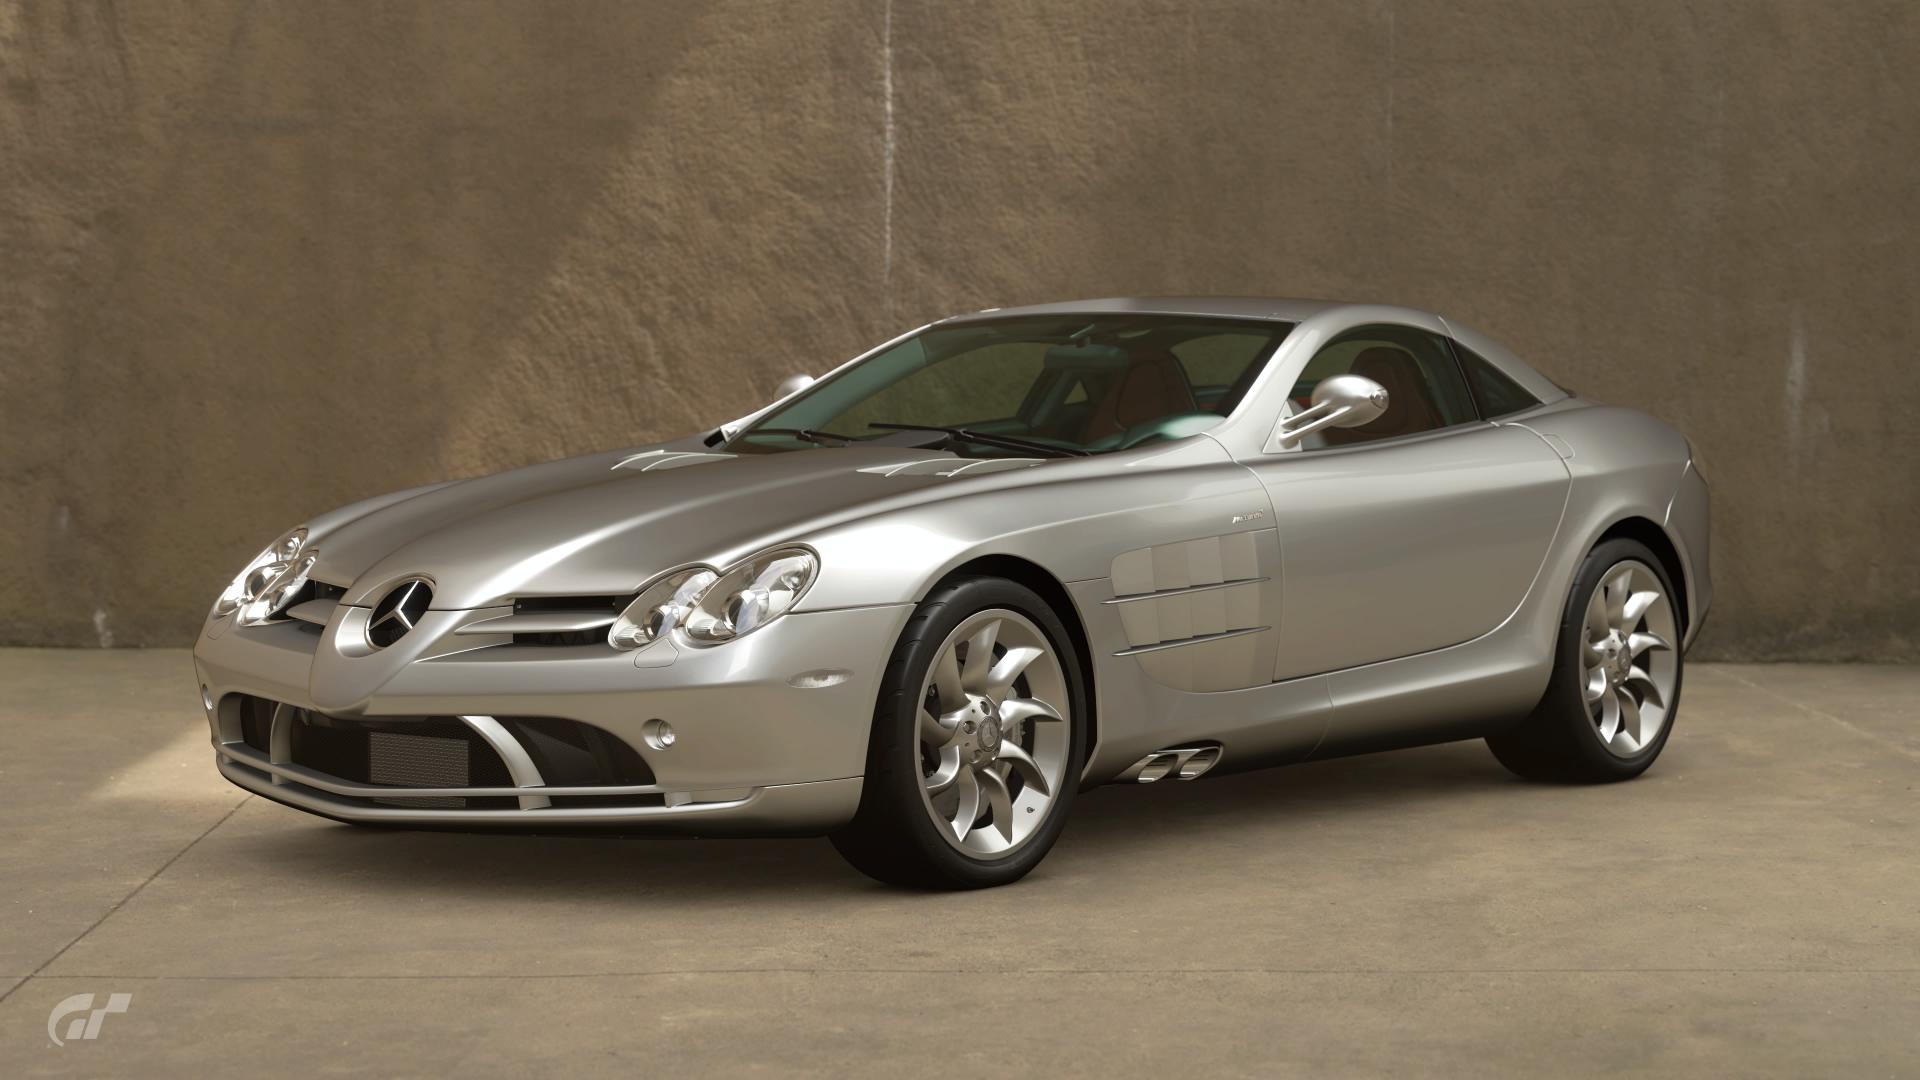 Mercedes Benz Slr Mclaren >> Mercedes Benz Slr Mclaren 09 Gran Turismo Wiki Fandom